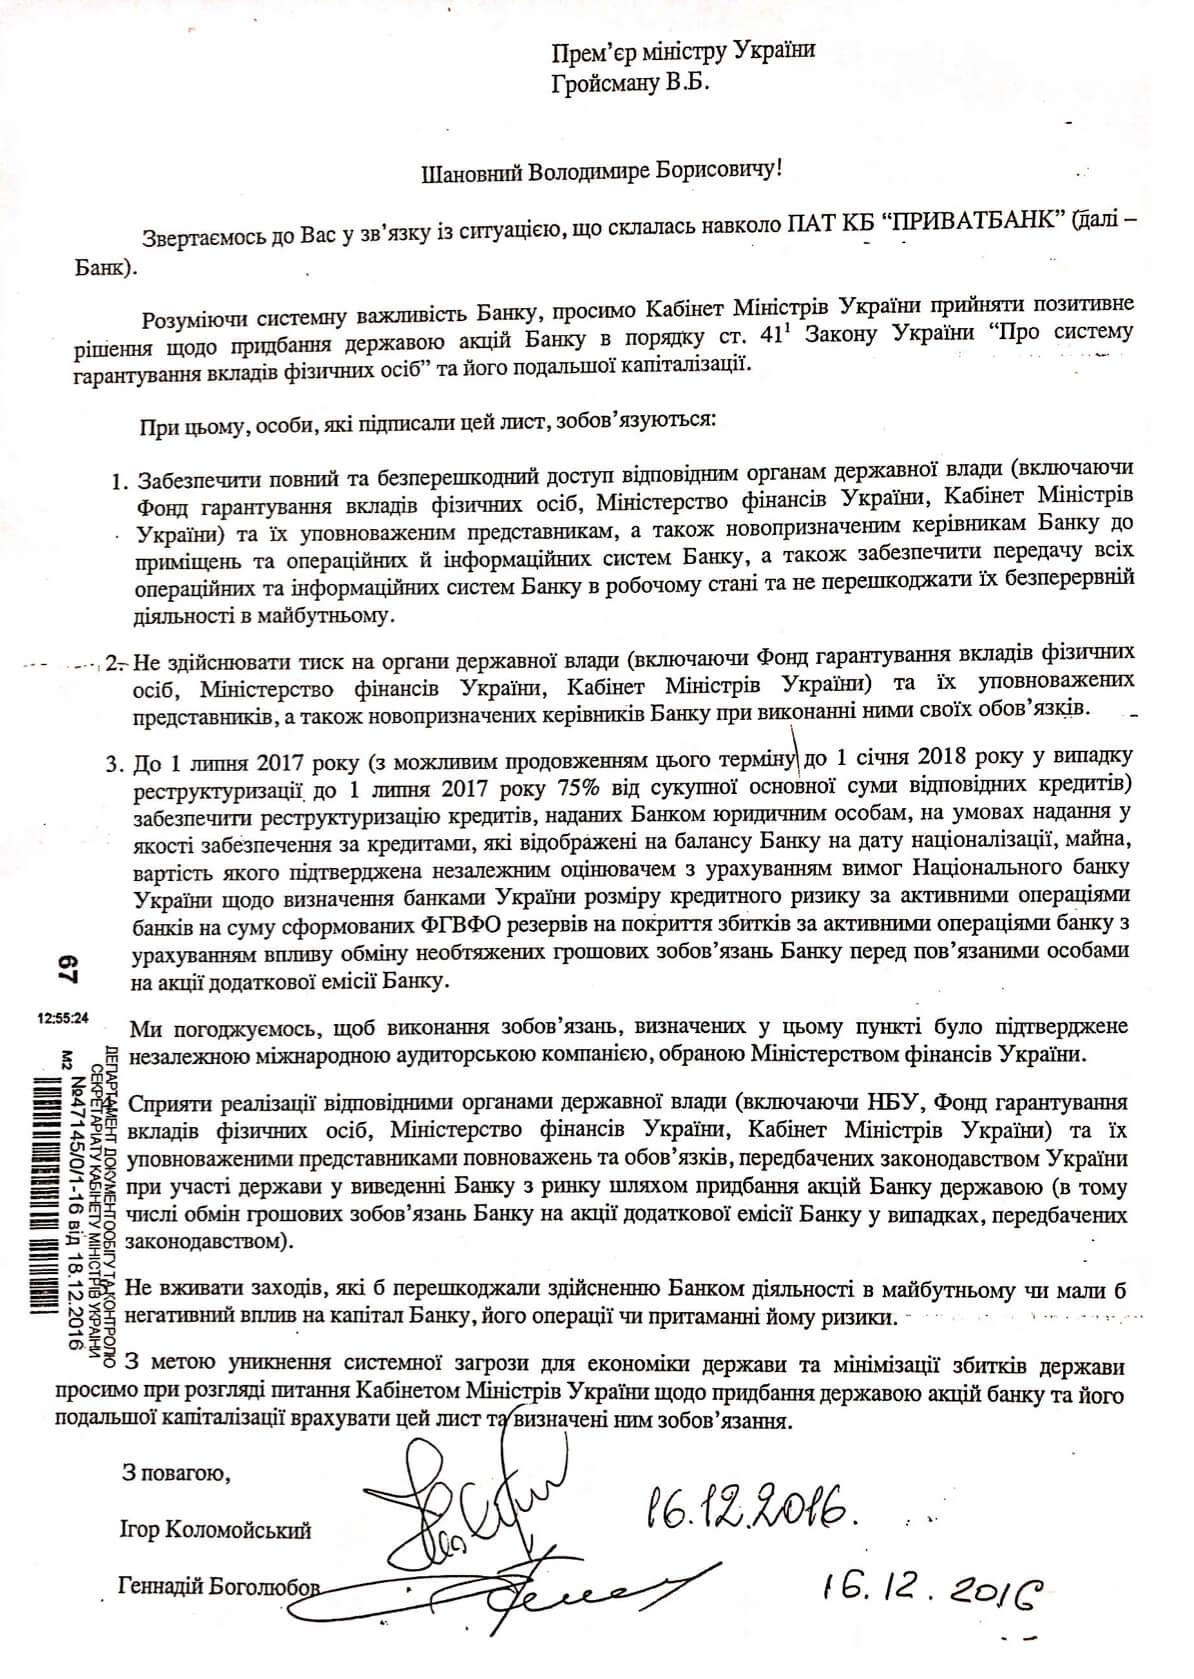 Письмо Коломойского и Боголюбова - Гройсману